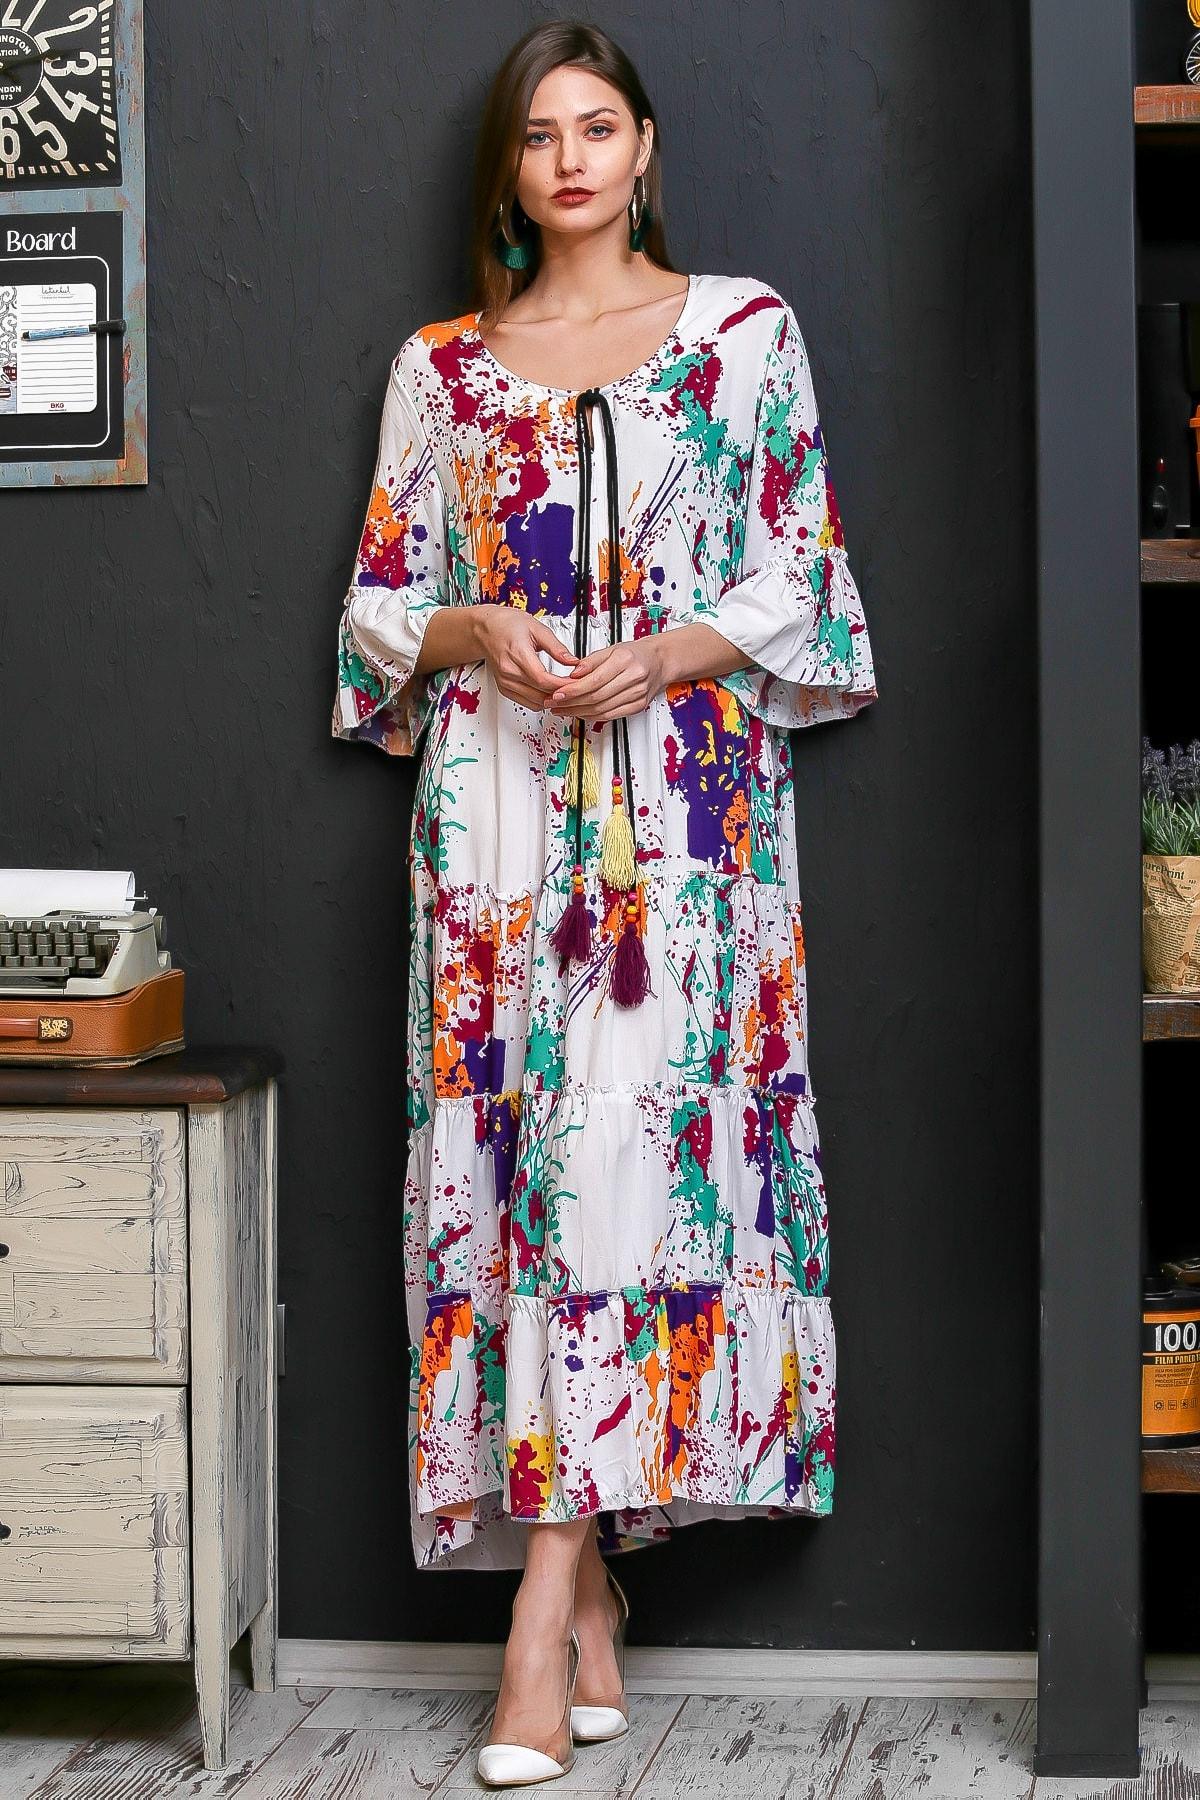 Chiccy Kadın Beyaz Fırça Desen Püsküllü Bağcıklı Salaş Dokuma Elbise M10160000EL95926 2